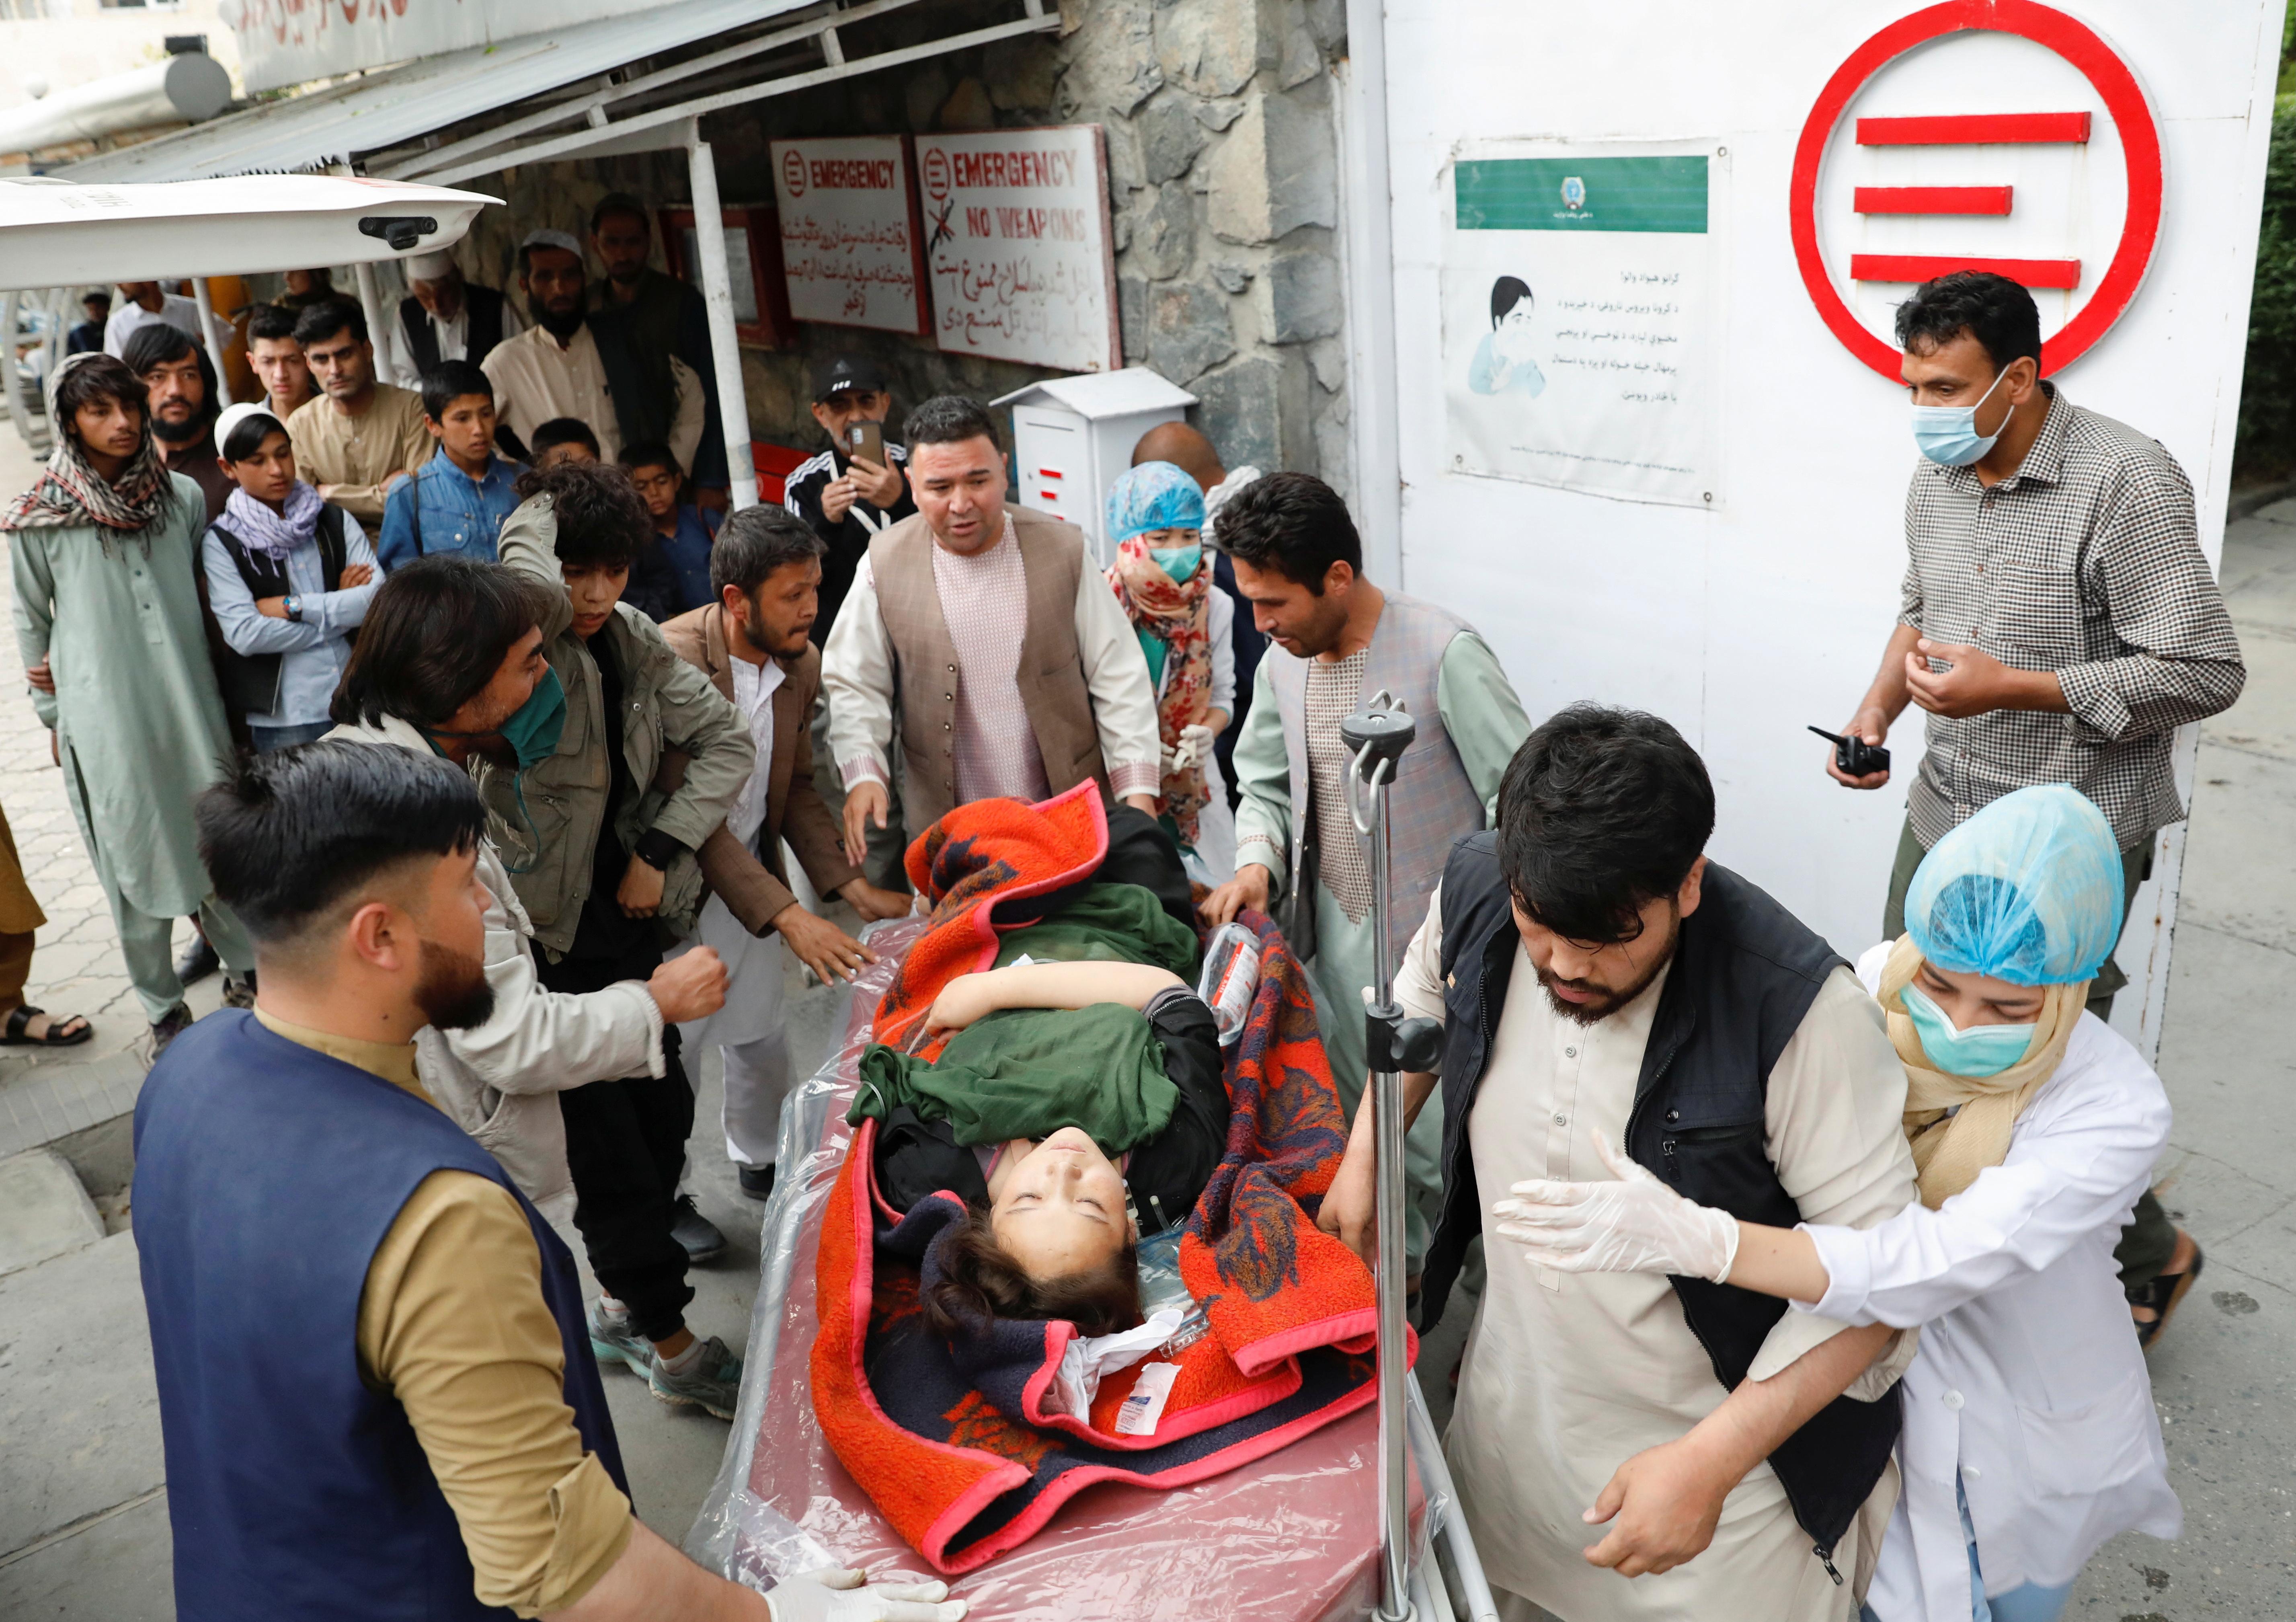 در این حمله امروز در کابل یک زن زخمی شد.